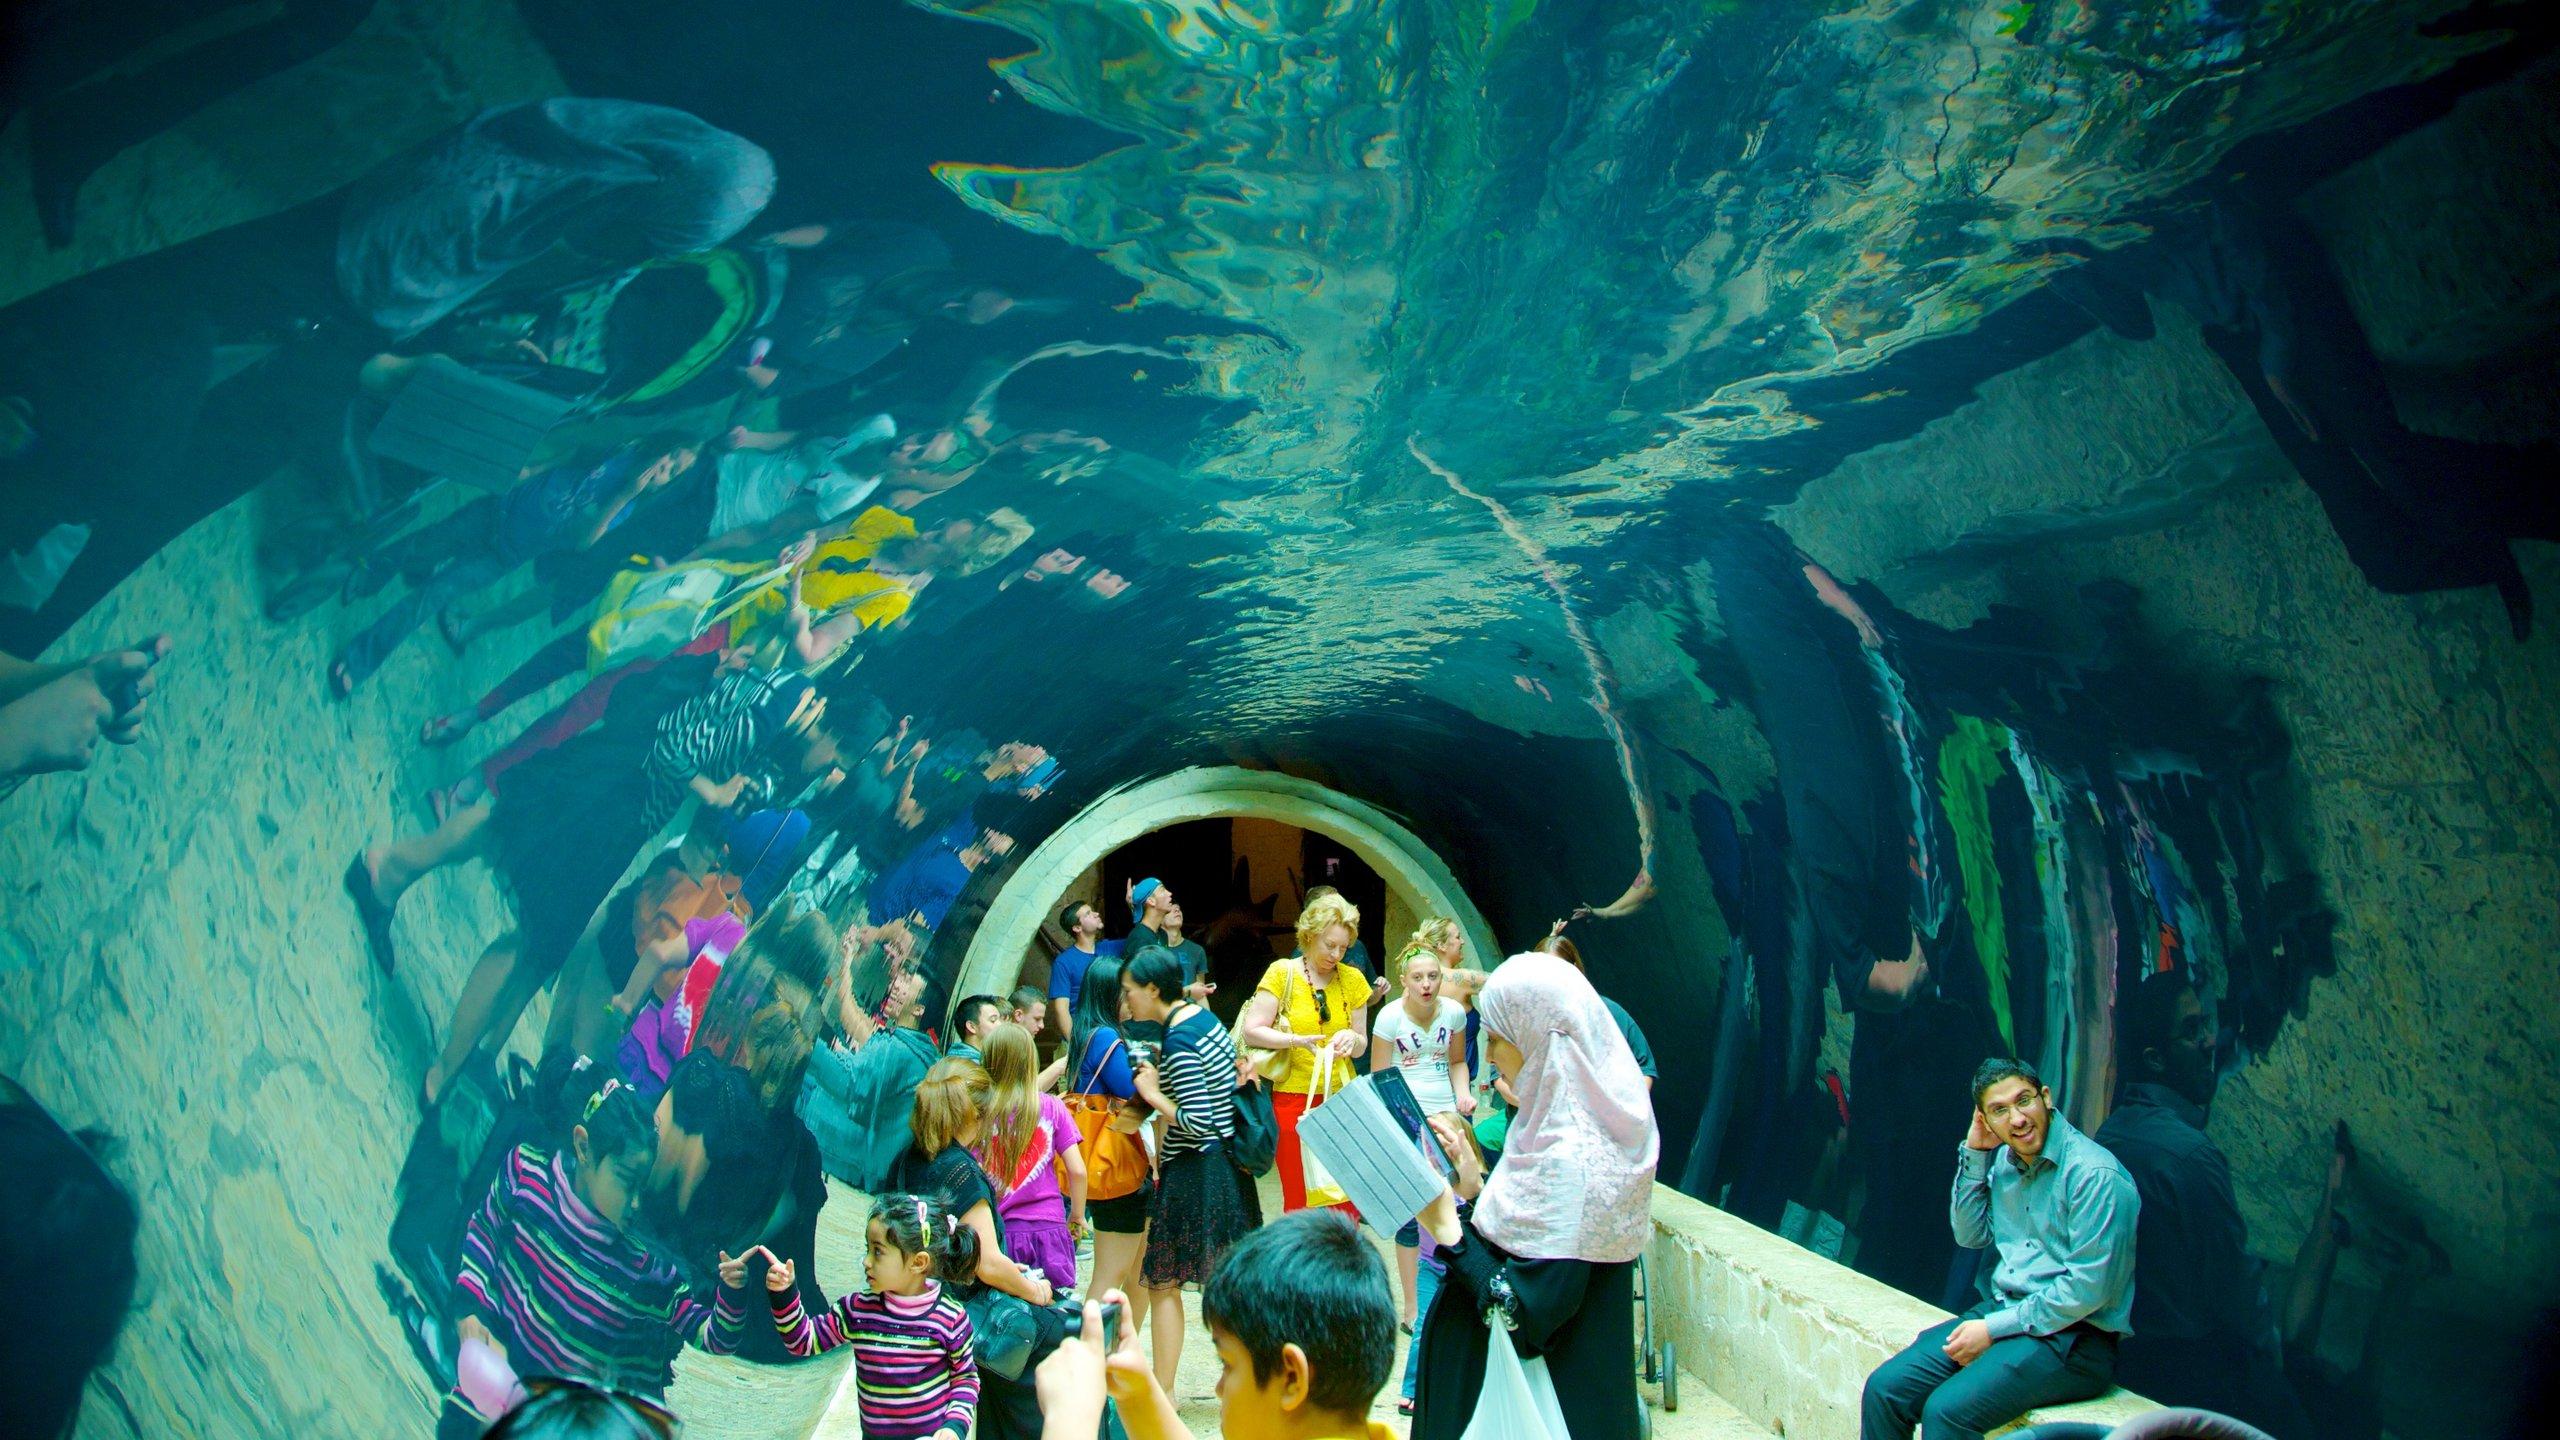 Dieses Aquarium hat viel mehr zu bieten als Fische: einen südamerikanischen Regenwald, Informationen zur Maya-Kultur sowie Vögel und Tiere unter einem Blätterdach.